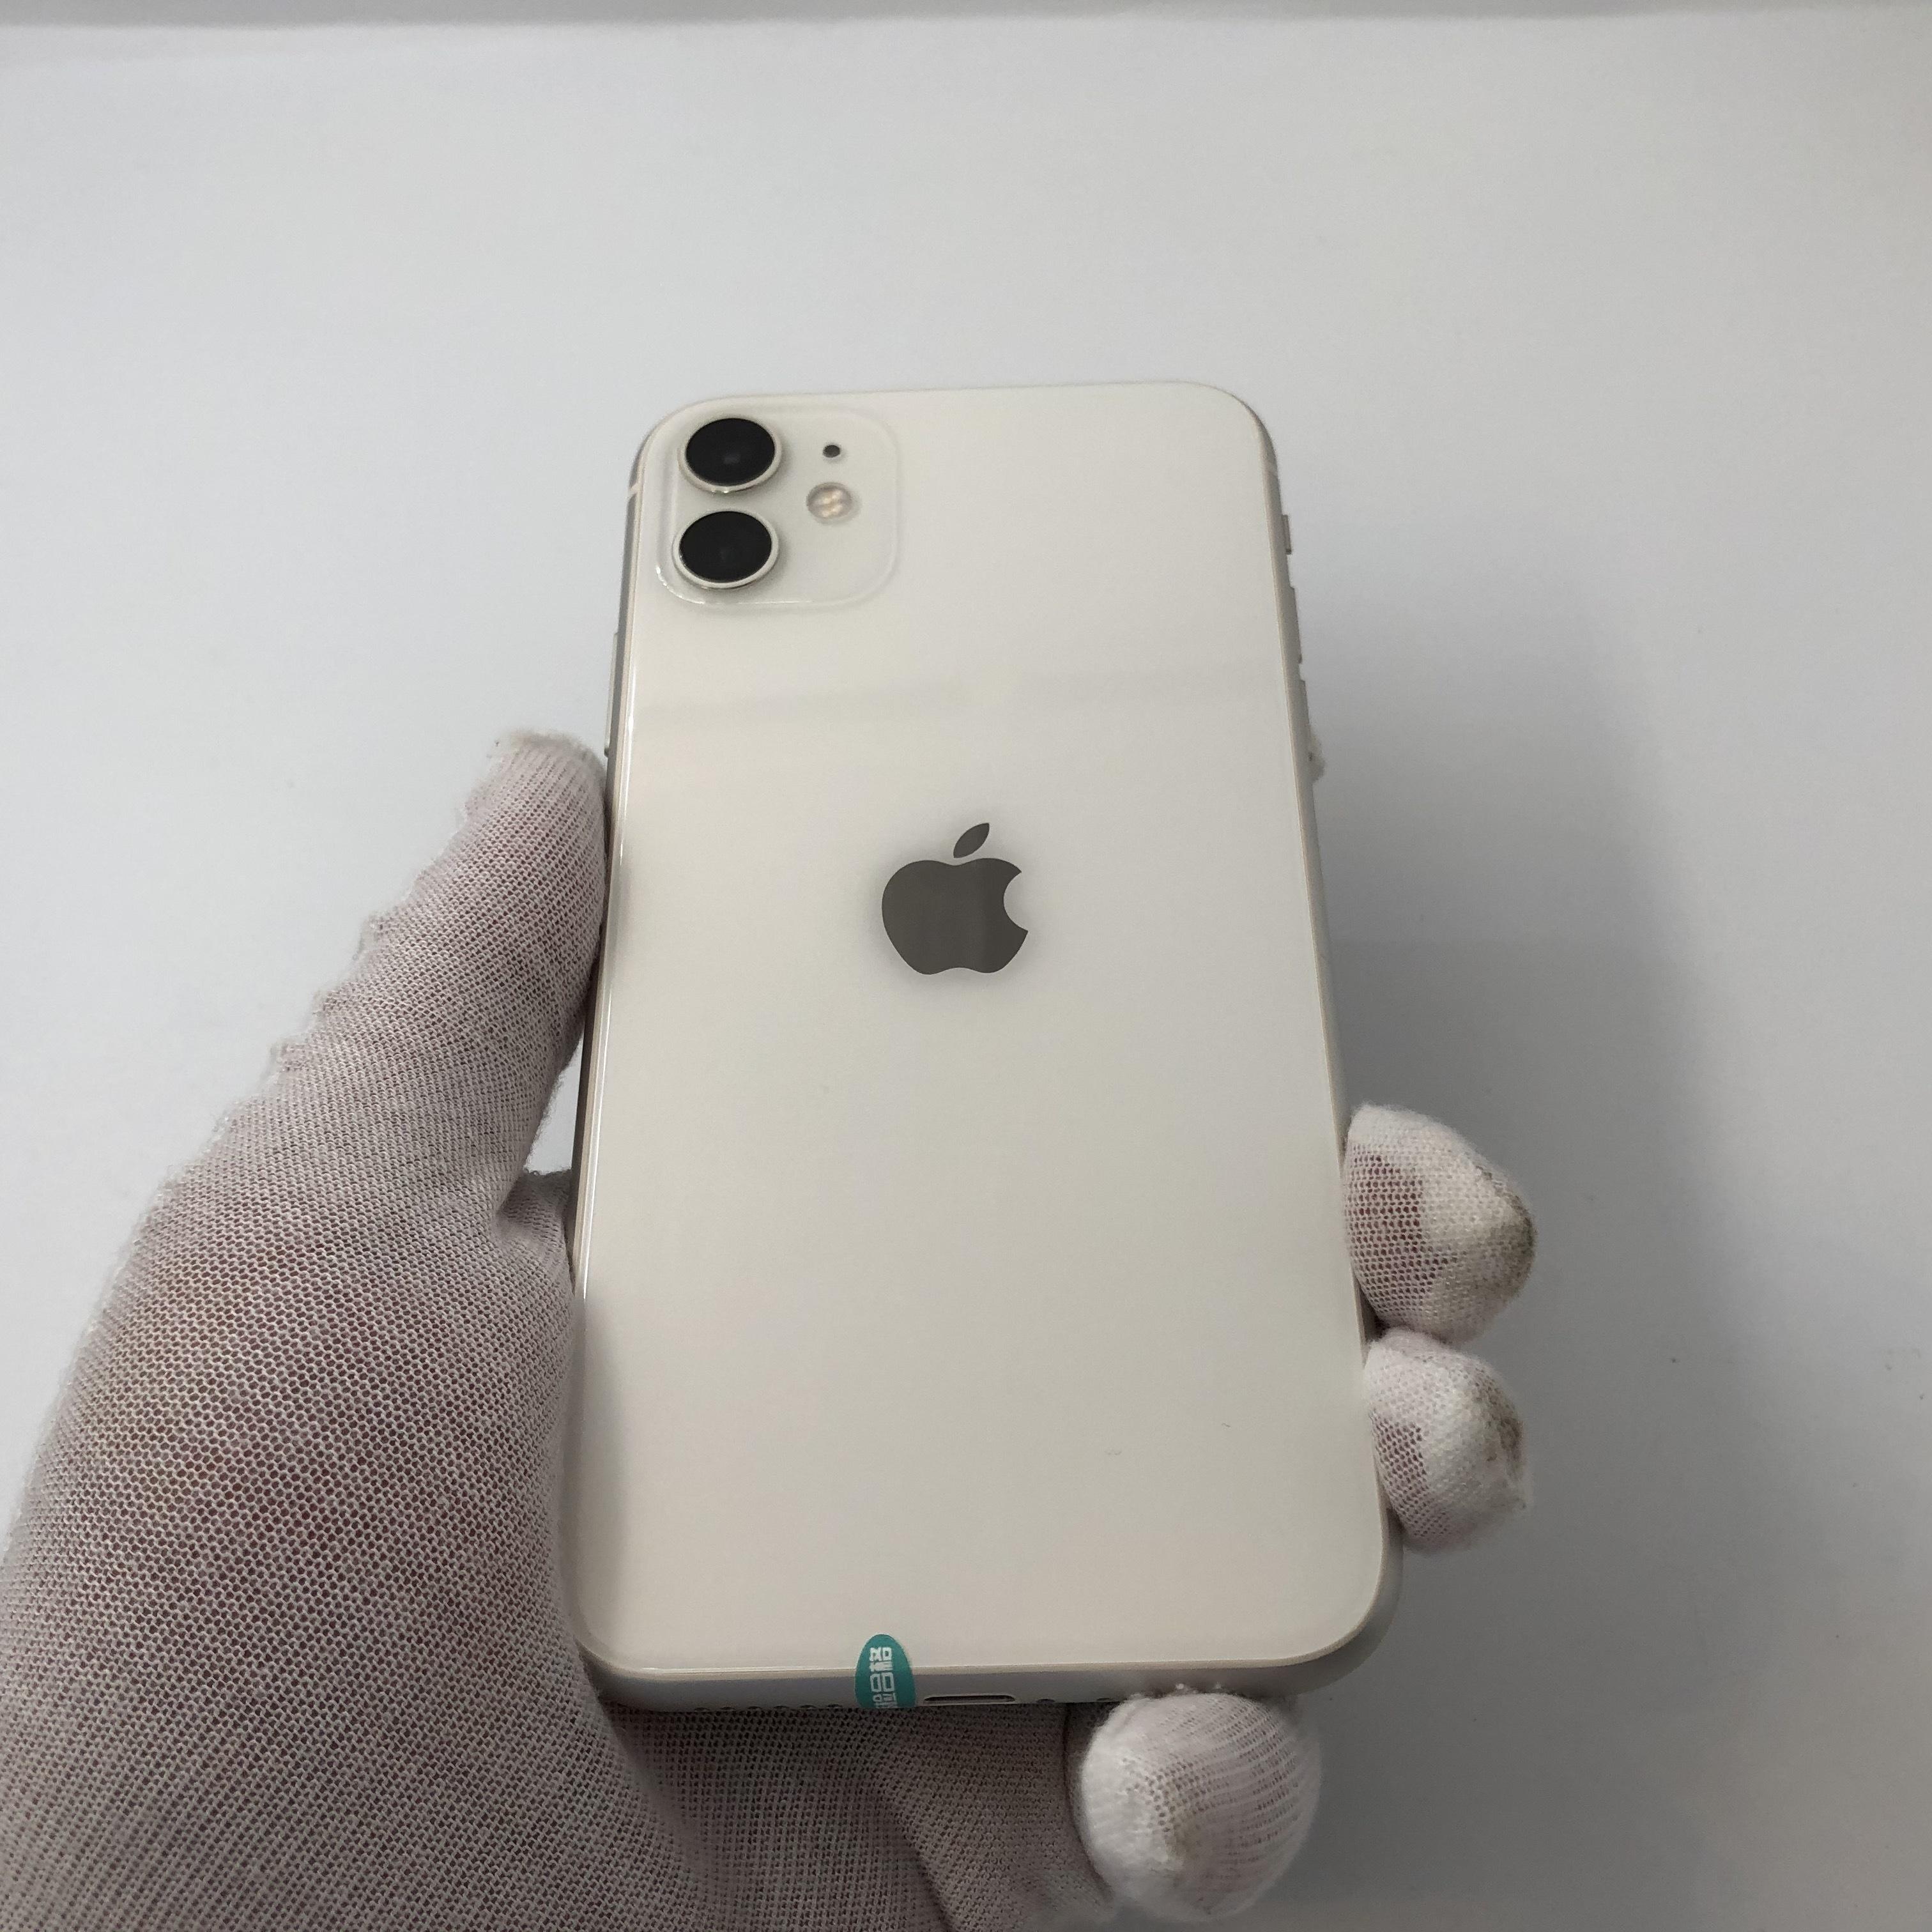 苹果【iPhone 11】4G全网通 白色 64G 国际版 99新